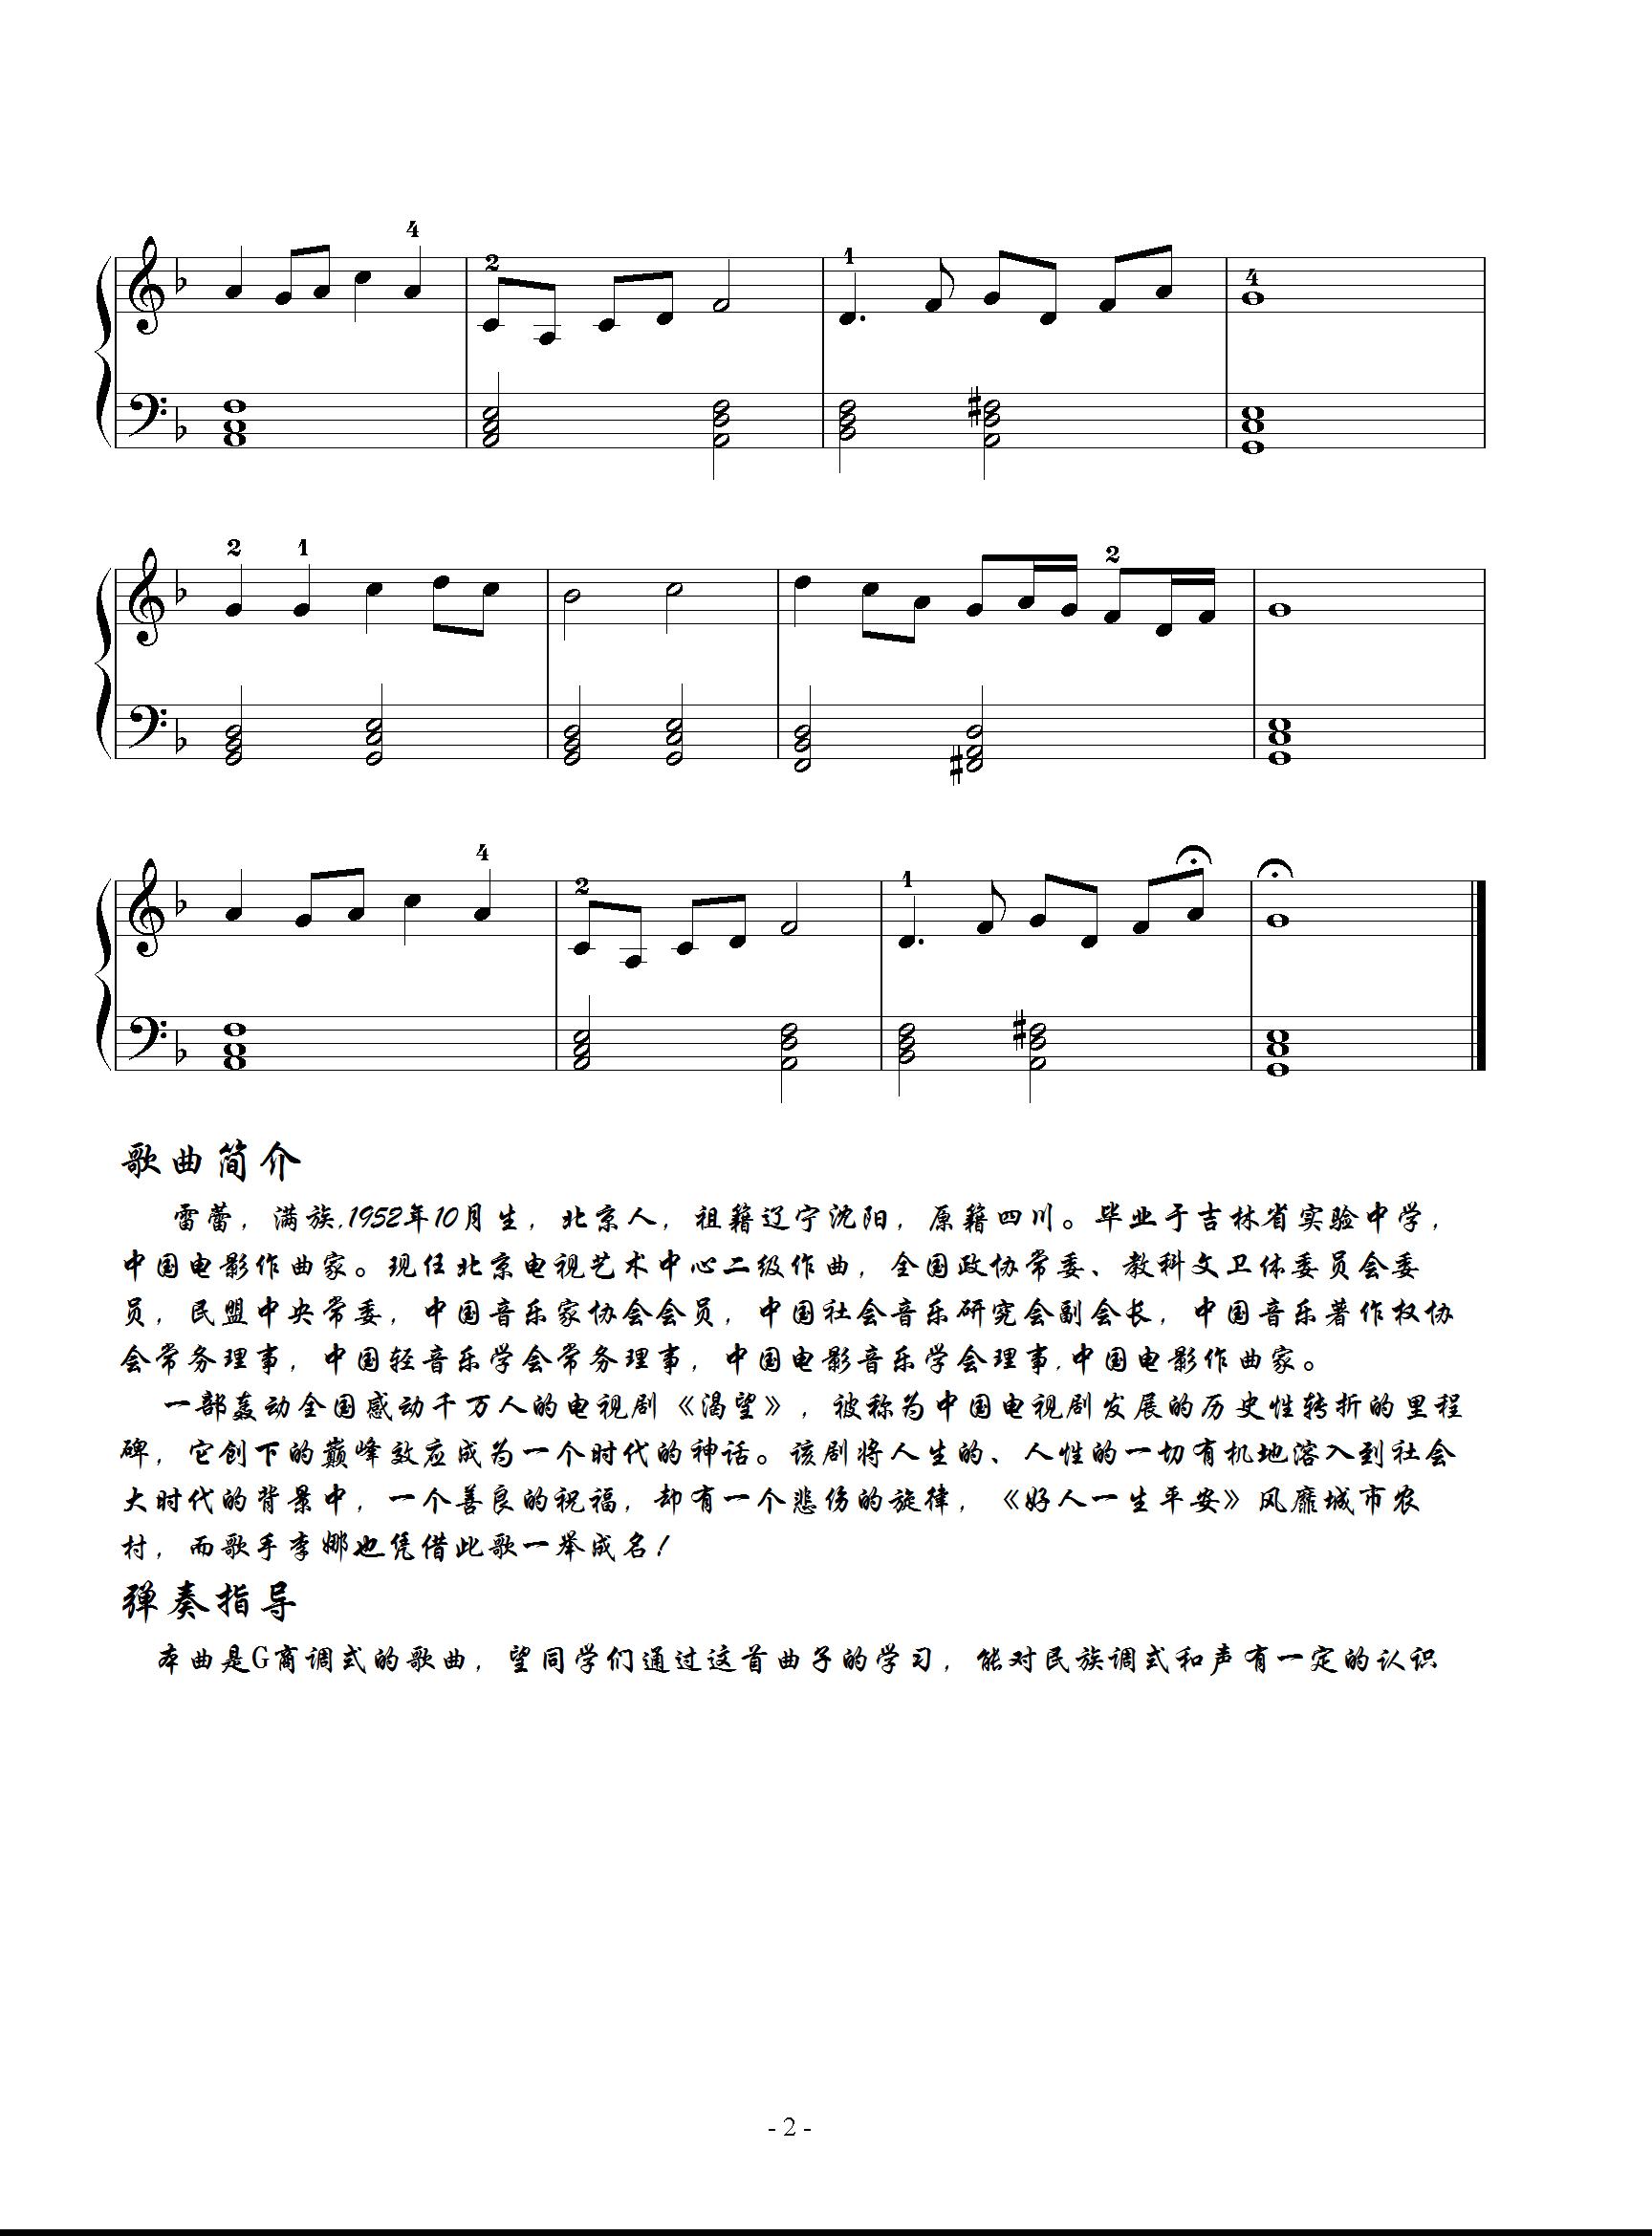 好人一生平安 电子琴谱 第二页